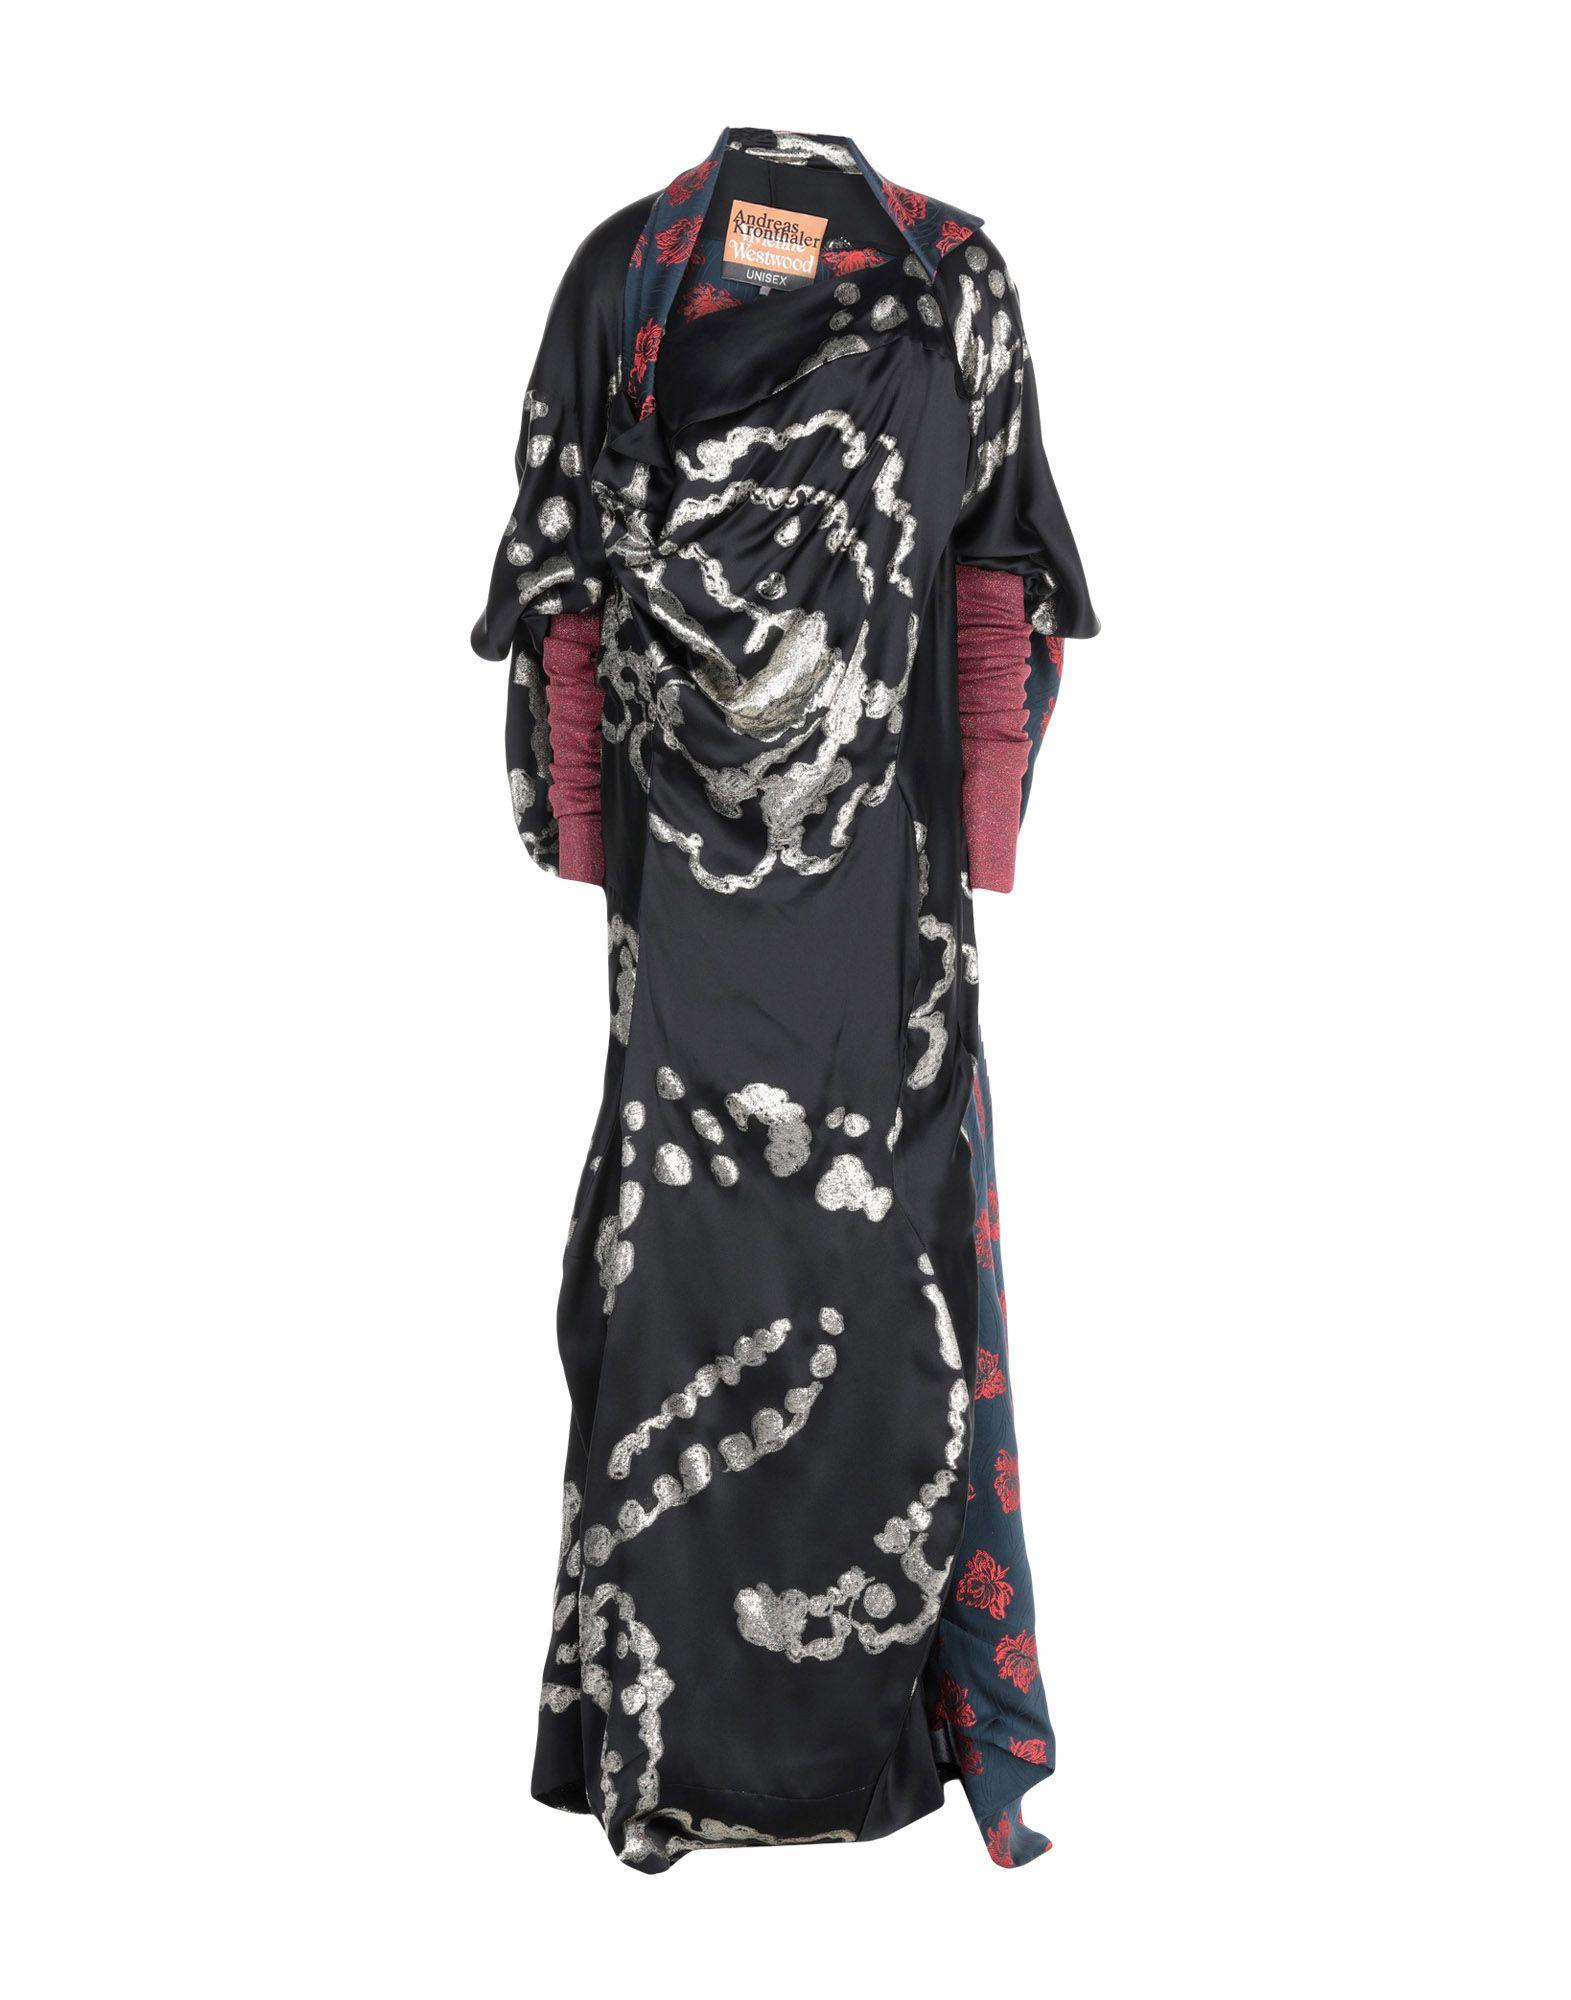 《送料無料》ANDREAS KRONTHALER for VIVIENNE WESTWOOD レディース ロングワンピース&ドレス ブラック II シルク 86% / メタリック繊維 14%